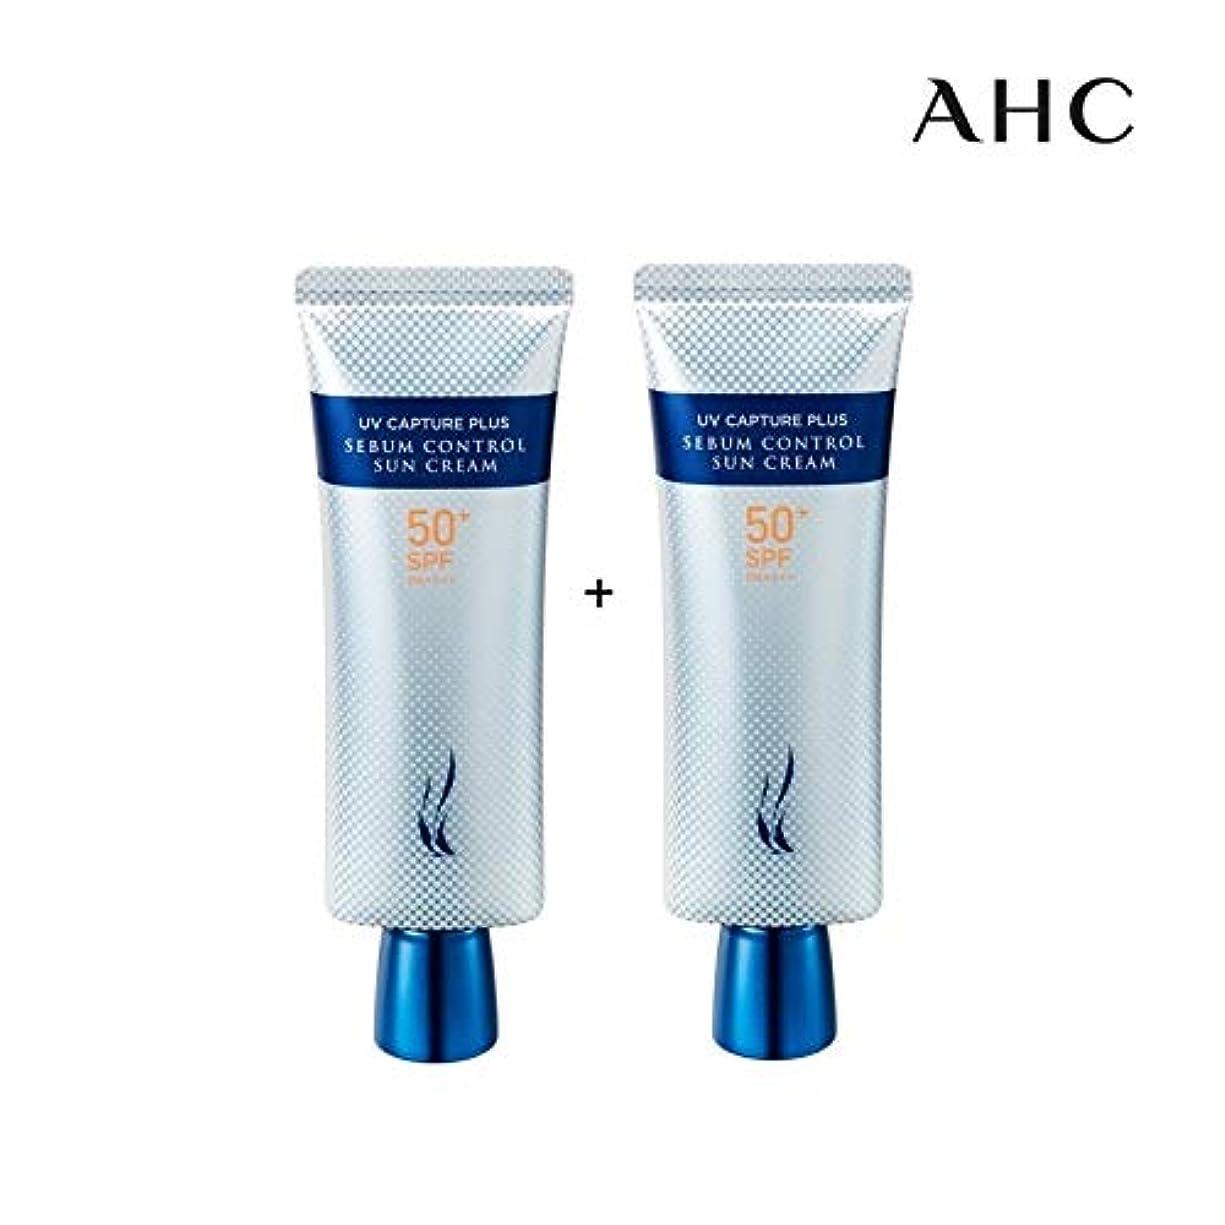 重々しい遺伝子推論[1+1] [ギフト付き] AHC UV キャプチャー プラス シーバム コントロール サンクリーム SPF50+/PA++++ 50ml